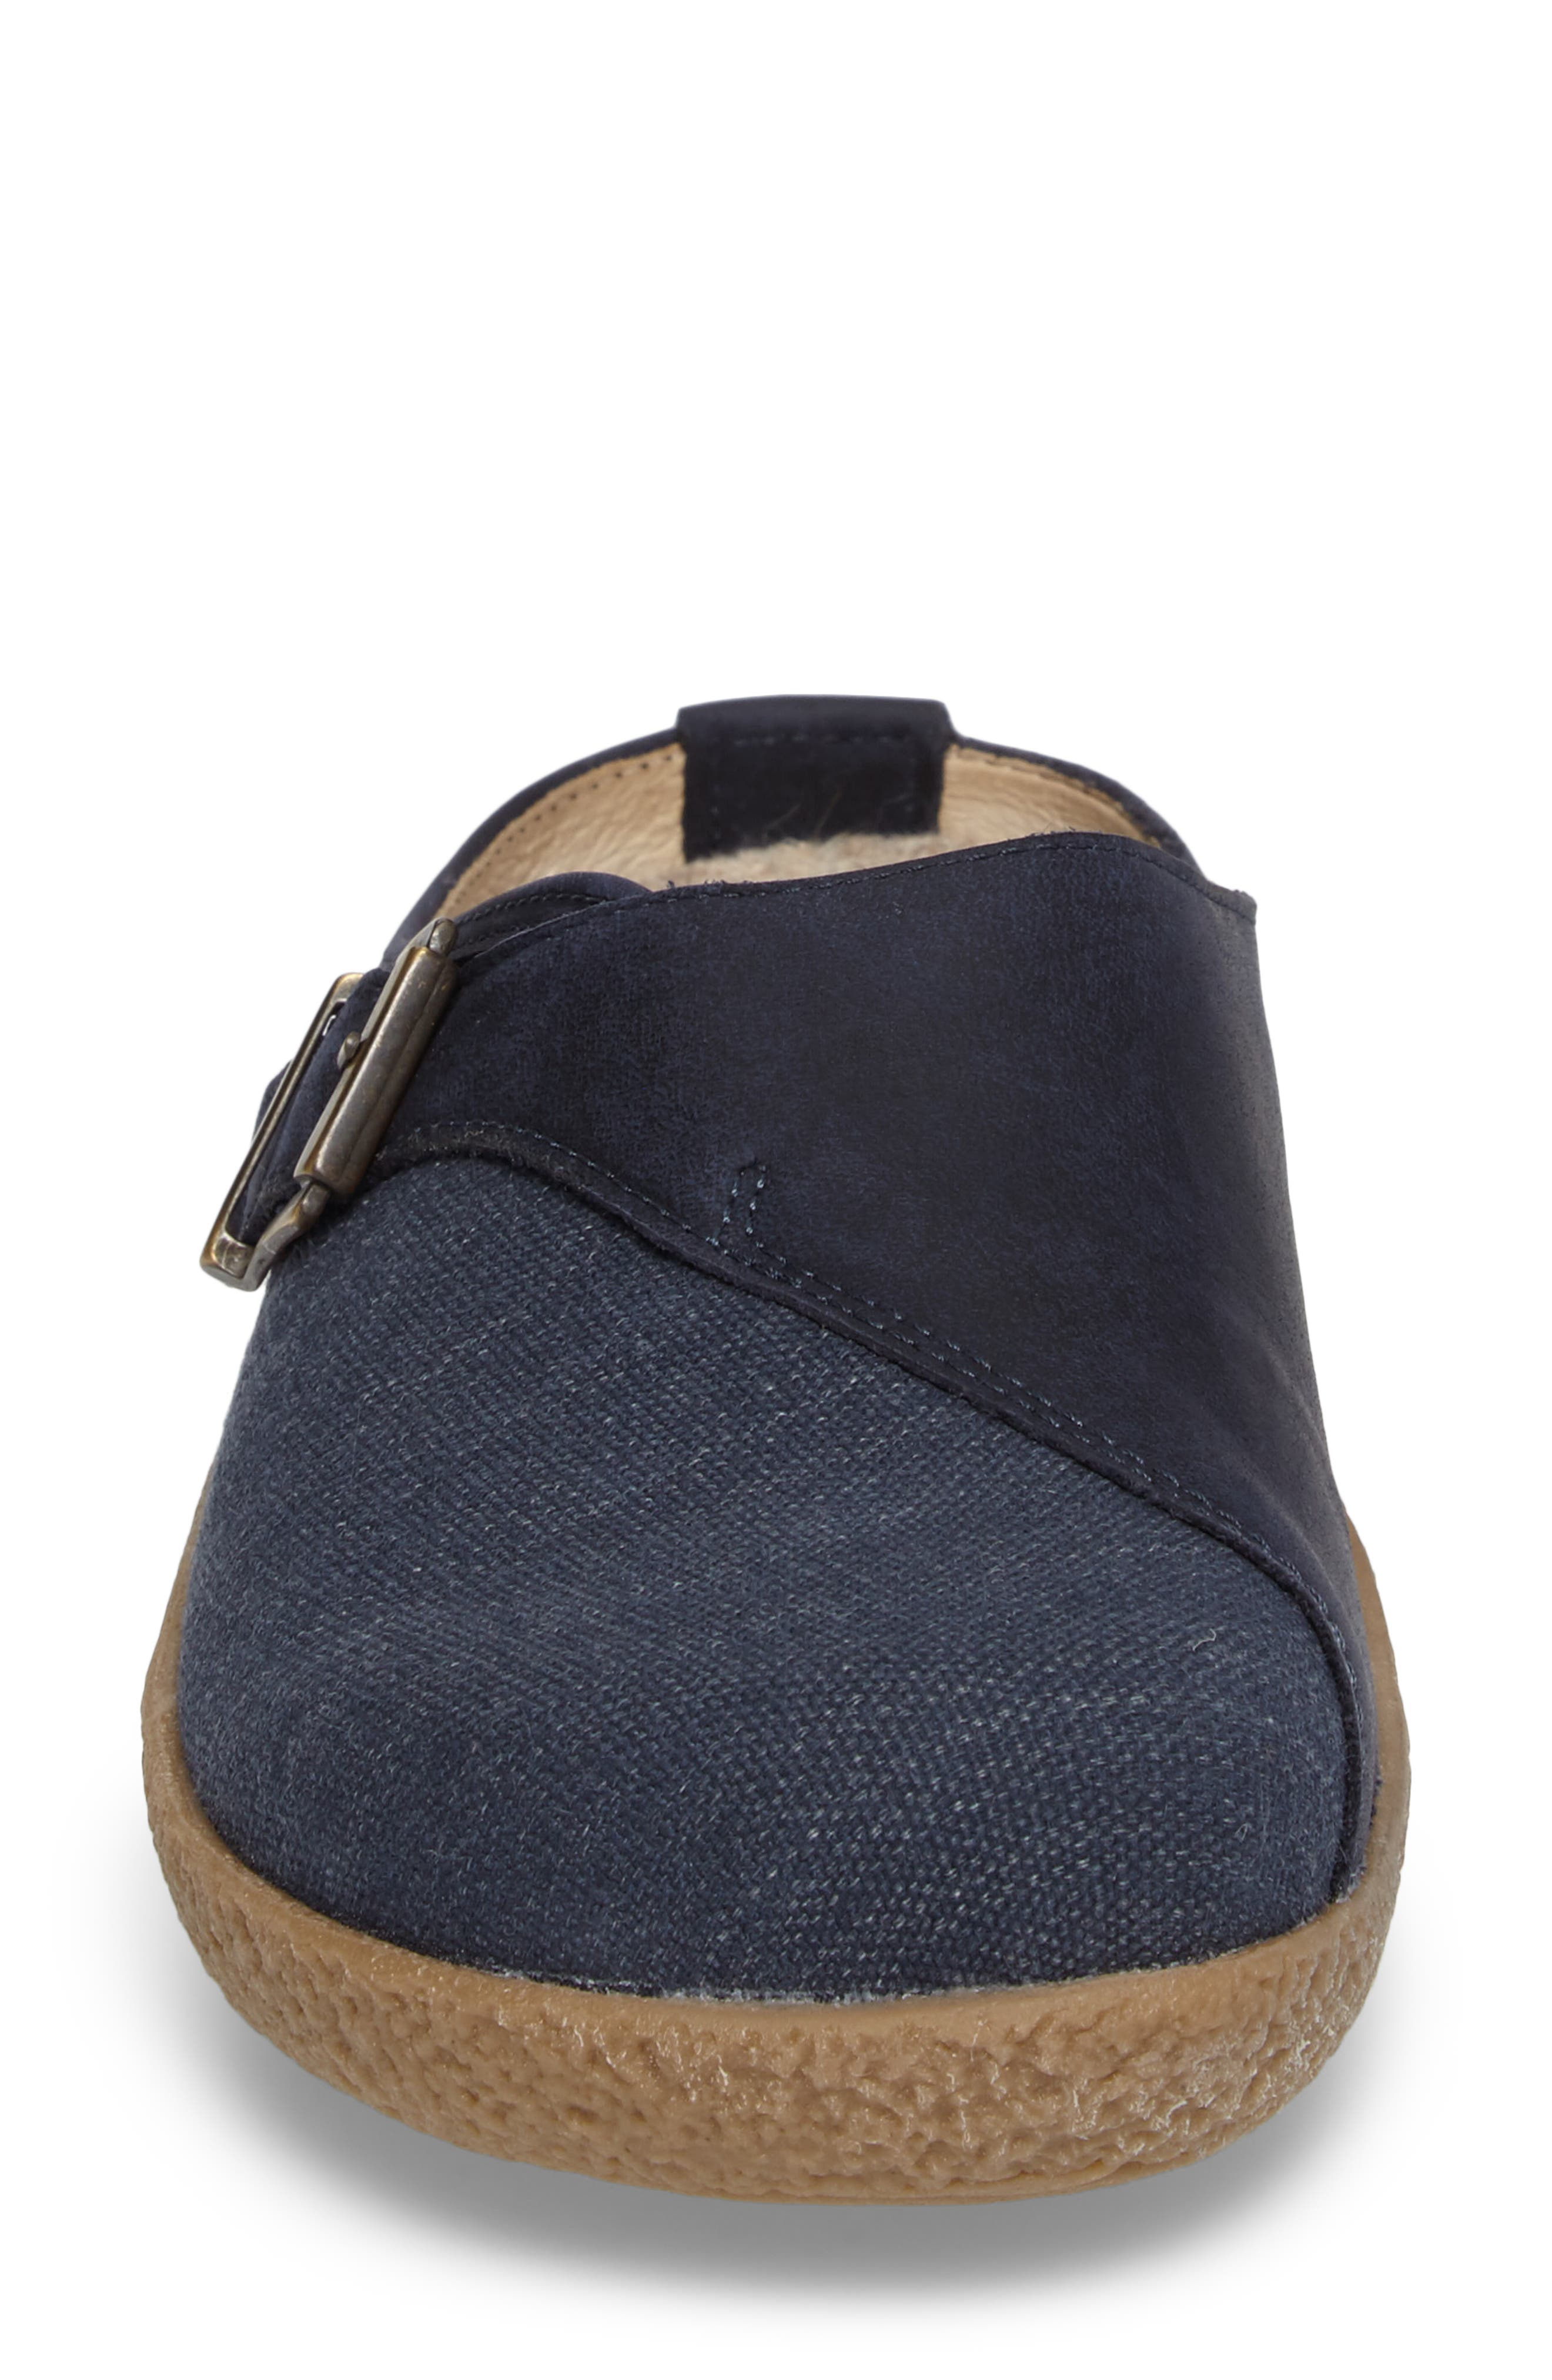 Radler Slipper Mule,                             Alternate thumbnail 4, color,                             Jeans Leather